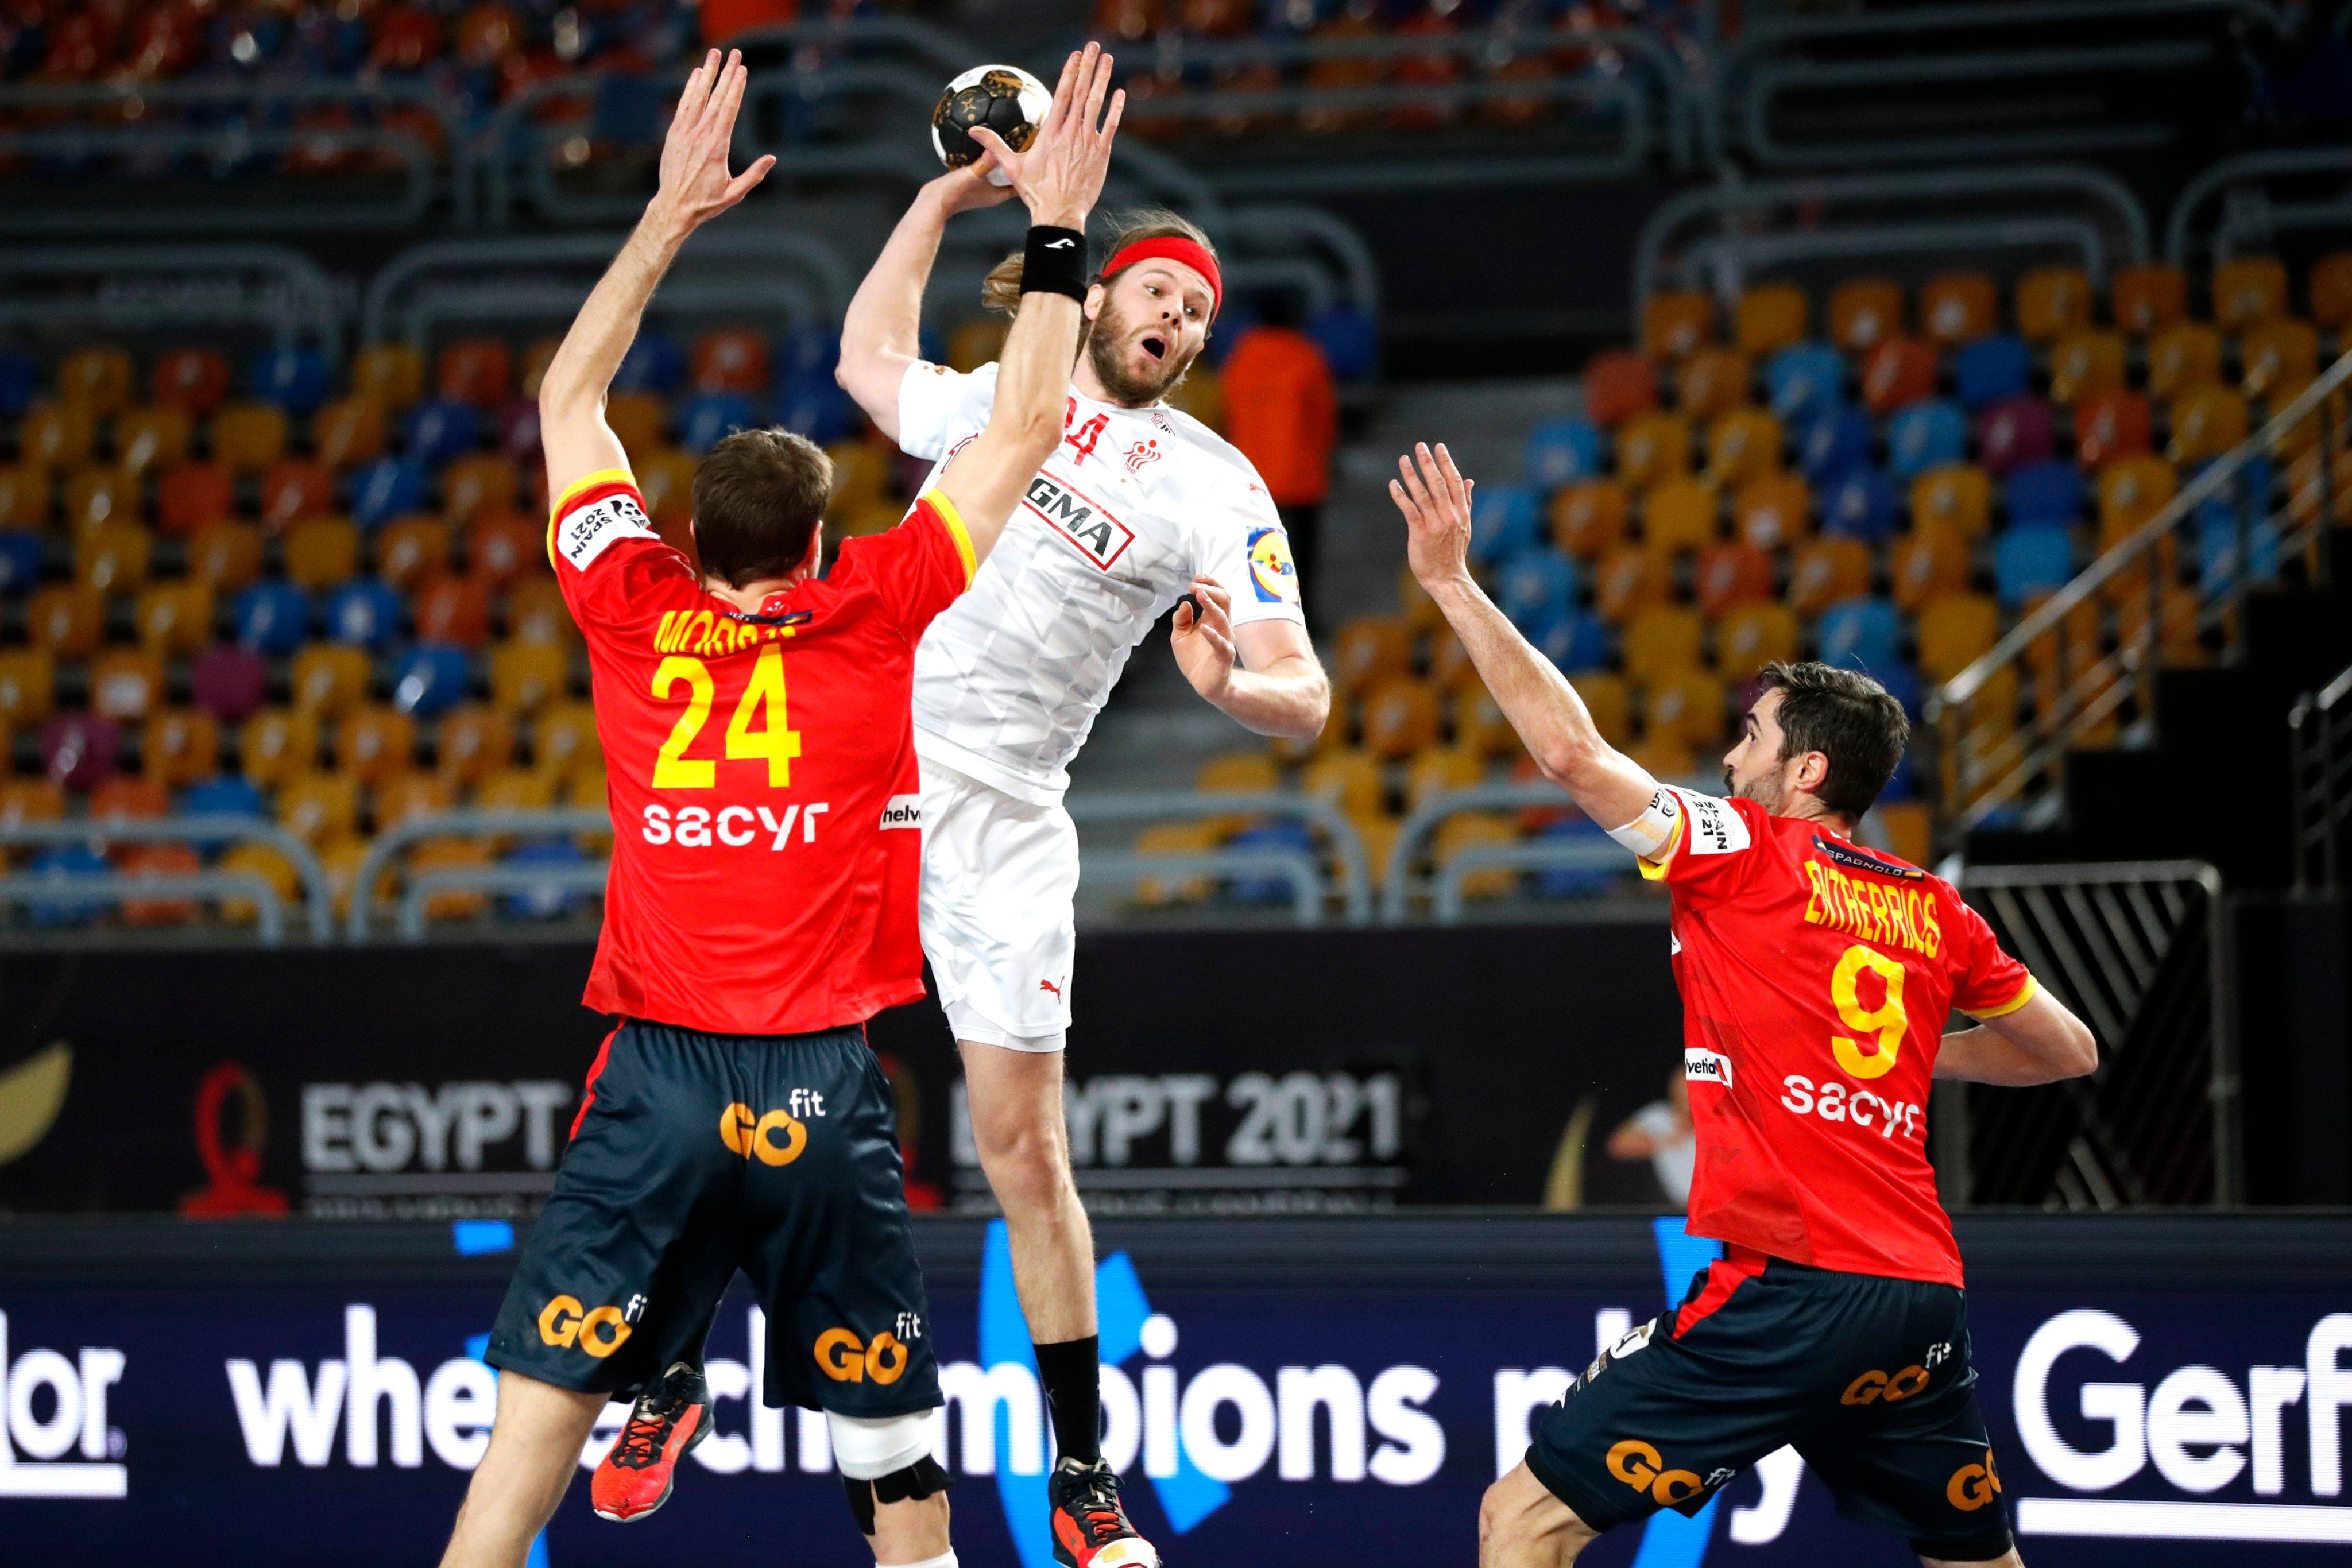 Mikkel Hansen arremessando em partida da Dinamarca contra a Espanha pelo Mundial de Handebol